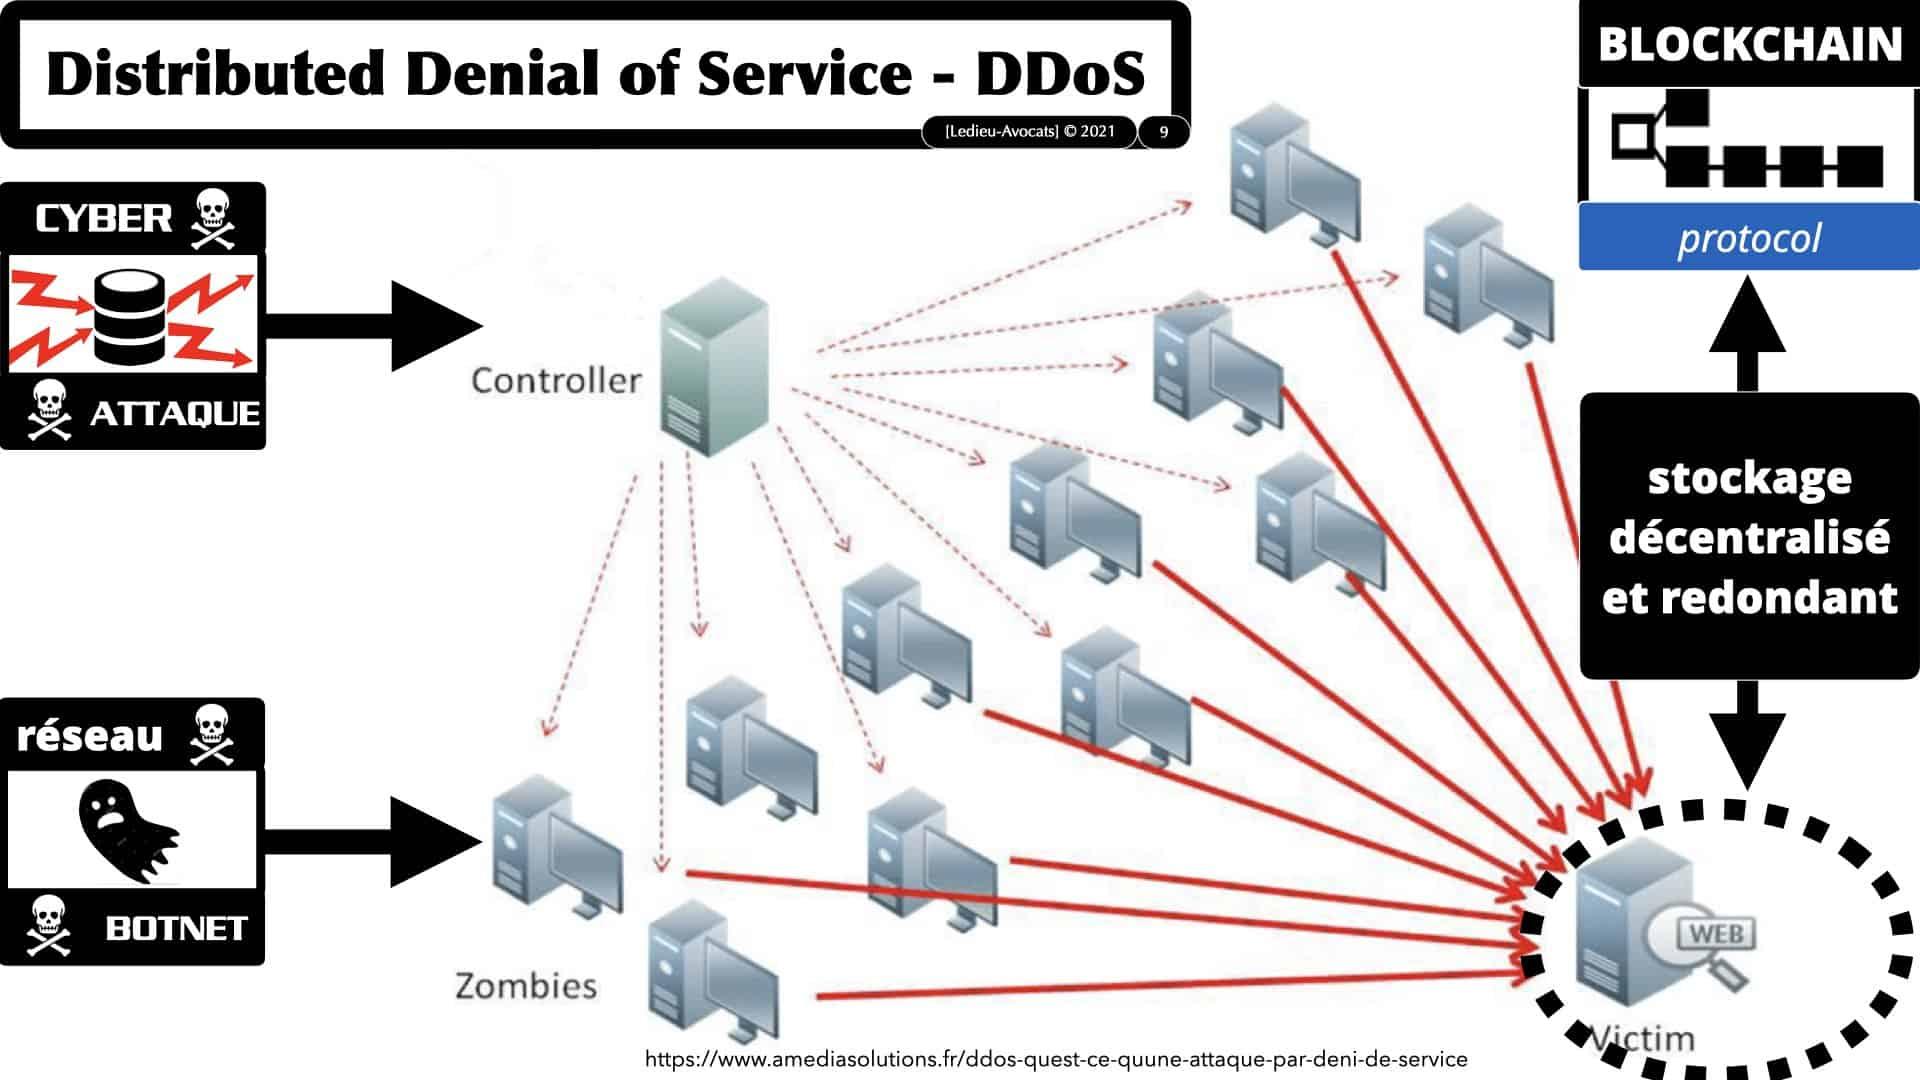 328 blockchain et cyber sécurité podcast NoLimitSecu © Ledieu-Avocats un moyen de lutter contre les attaques DDoS